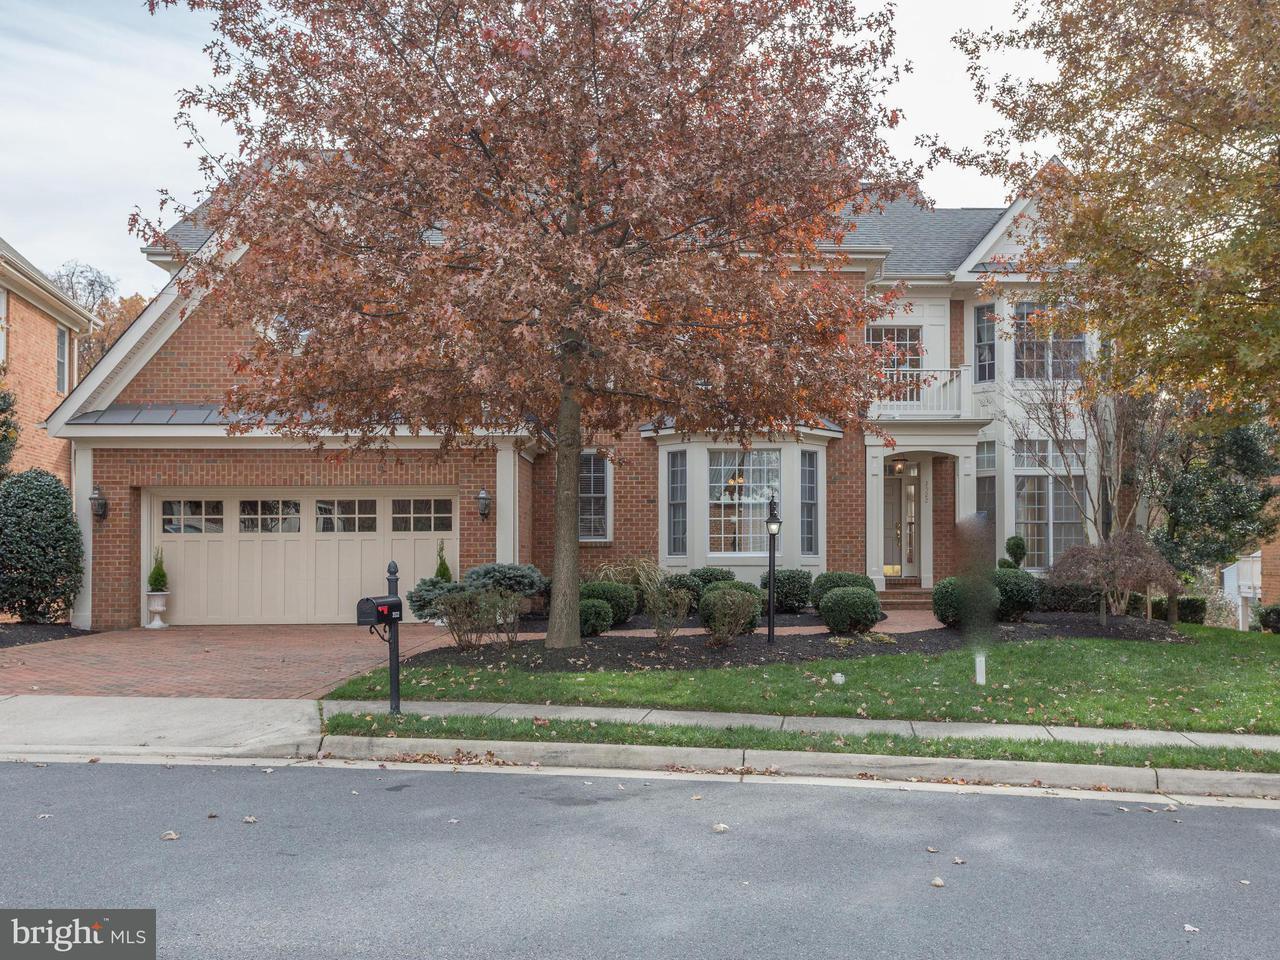 一戸建て のために 売買 アット 3522 Schuerman House Drive 3522 Schuerman House Drive Fairfax, バージニア 22031 アメリカ合衆国